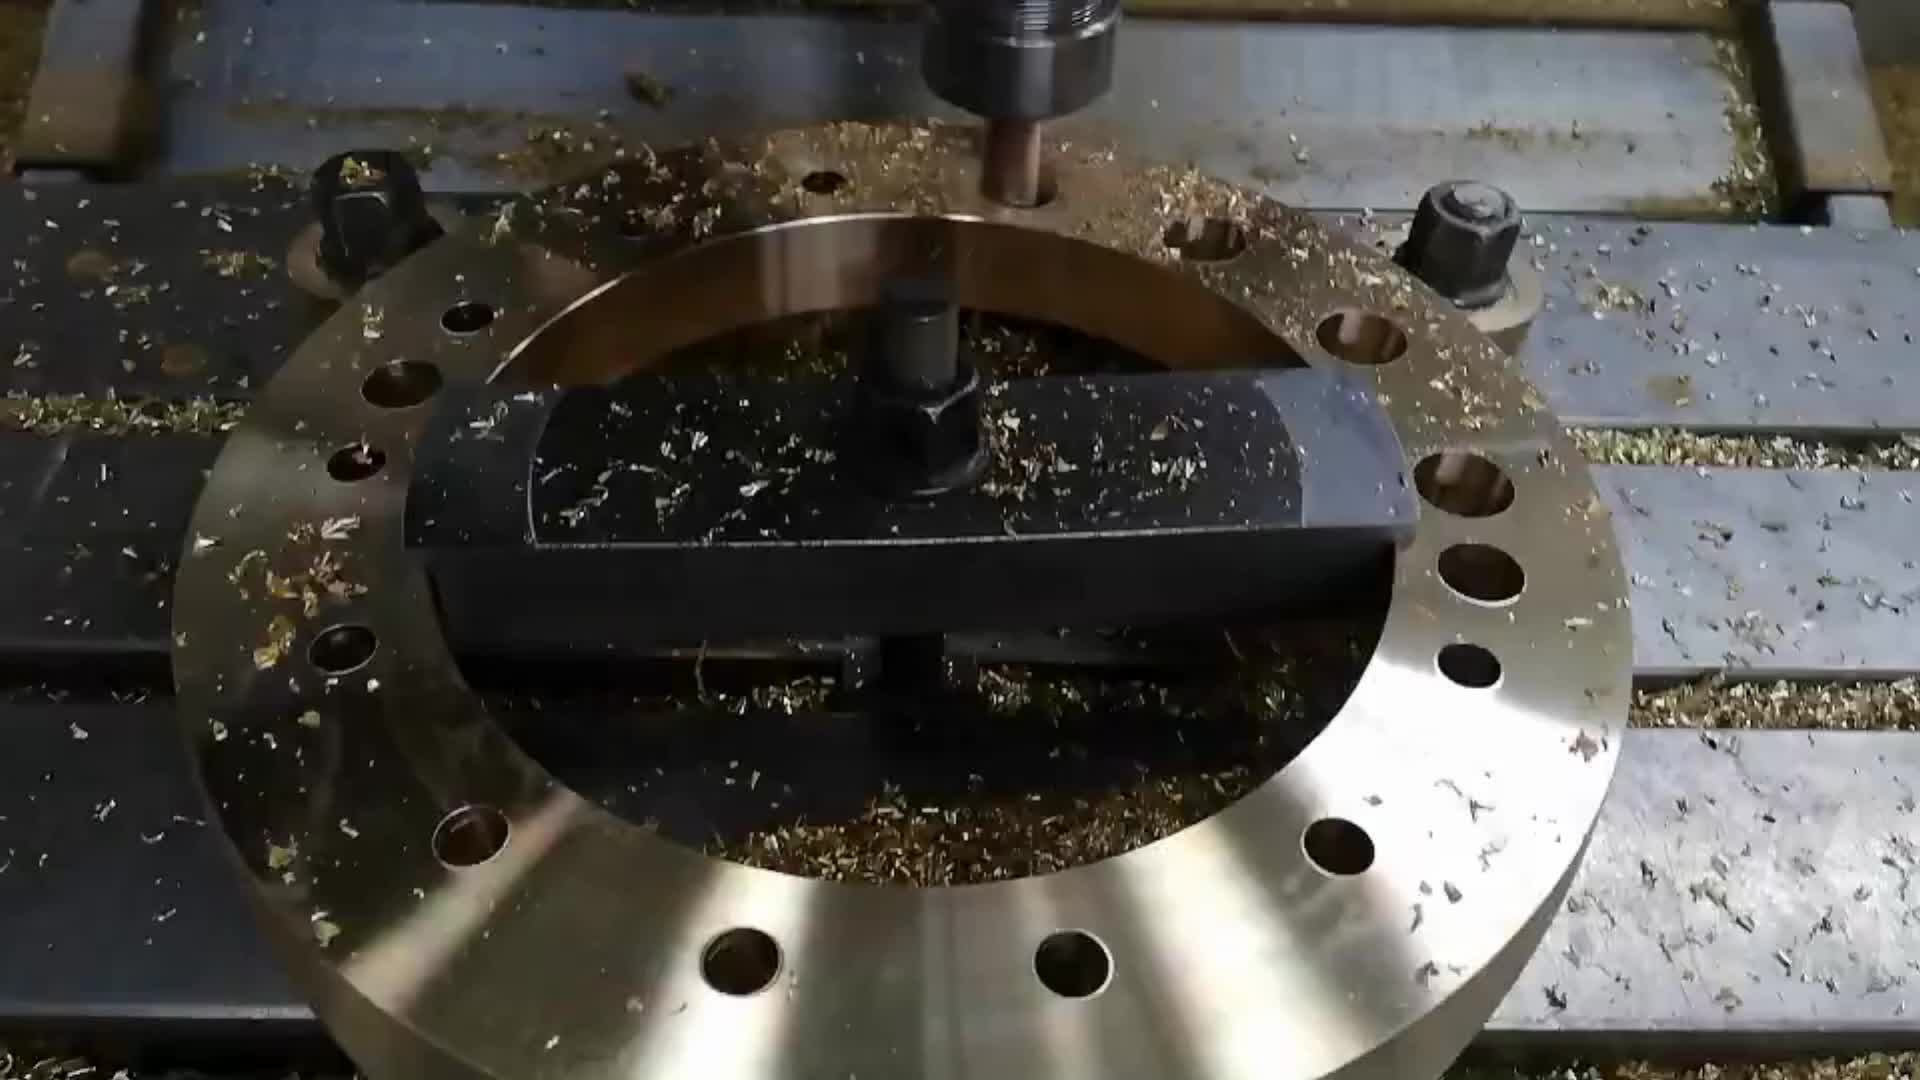 Kupfer hülse lager ring von heißer-verkauf hochwertige rotary brecher